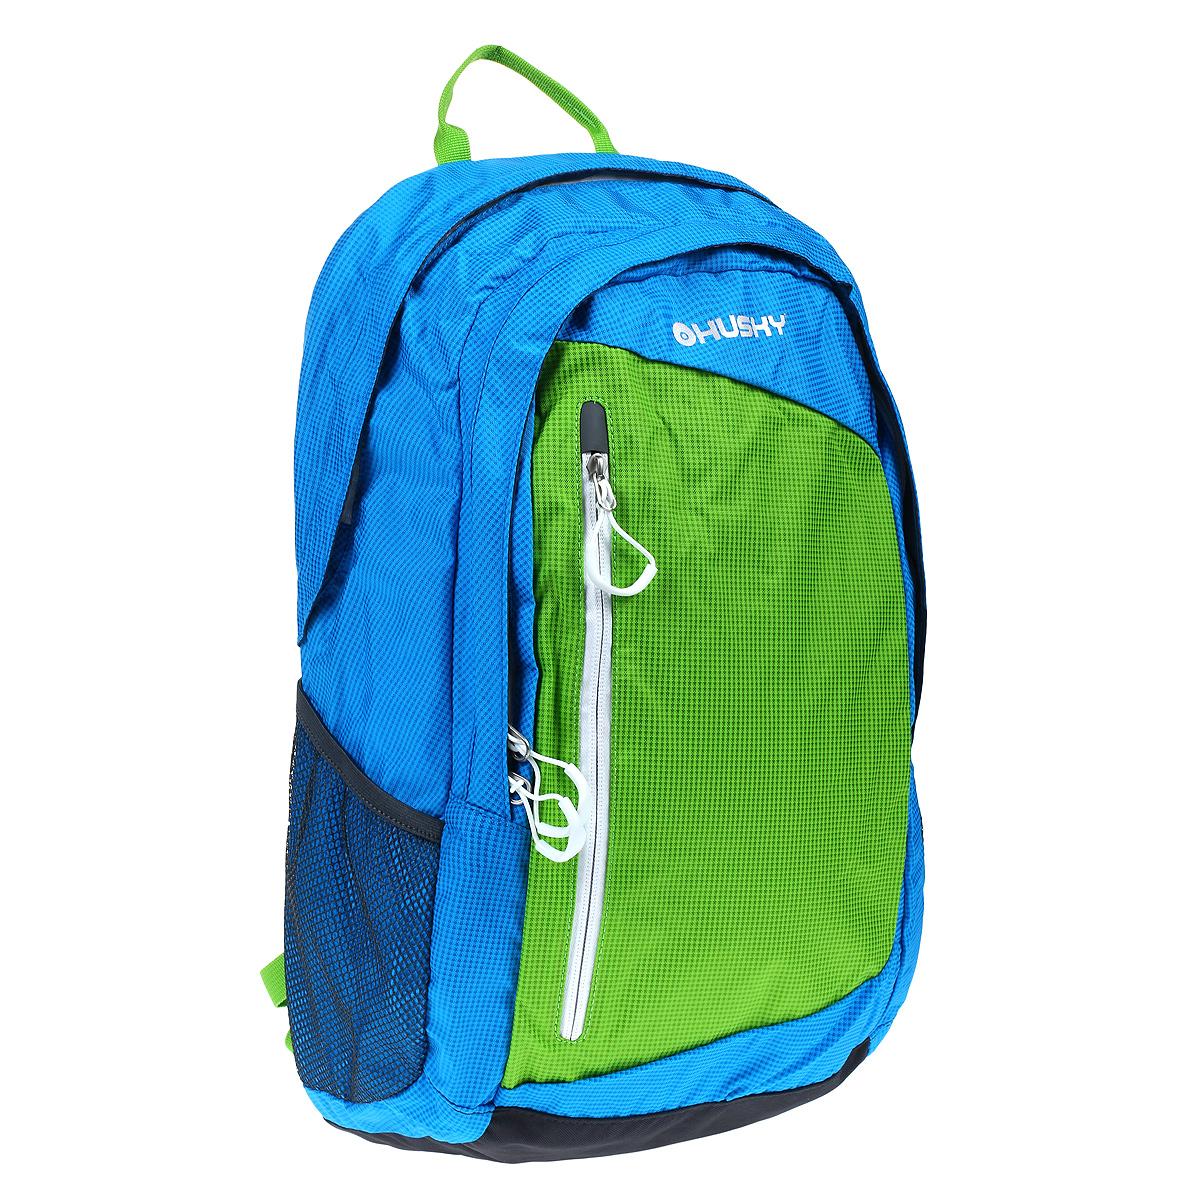 Рюкзак городской Husky Marel 27, цвет: синий95429-924Рюкзак городской Husky Marel 27 подойдет как для школы, так и для повседневной носки в городе. У рюкзака два больших отделения, один передний карман и специальный карман для ноутбука.Особенности: водонепроницаемая ткань; система вентиляции спины AMS;отделение для ноутбука;внутренний органайзер;боковые карманы-сетки;светоотражающие элементы.